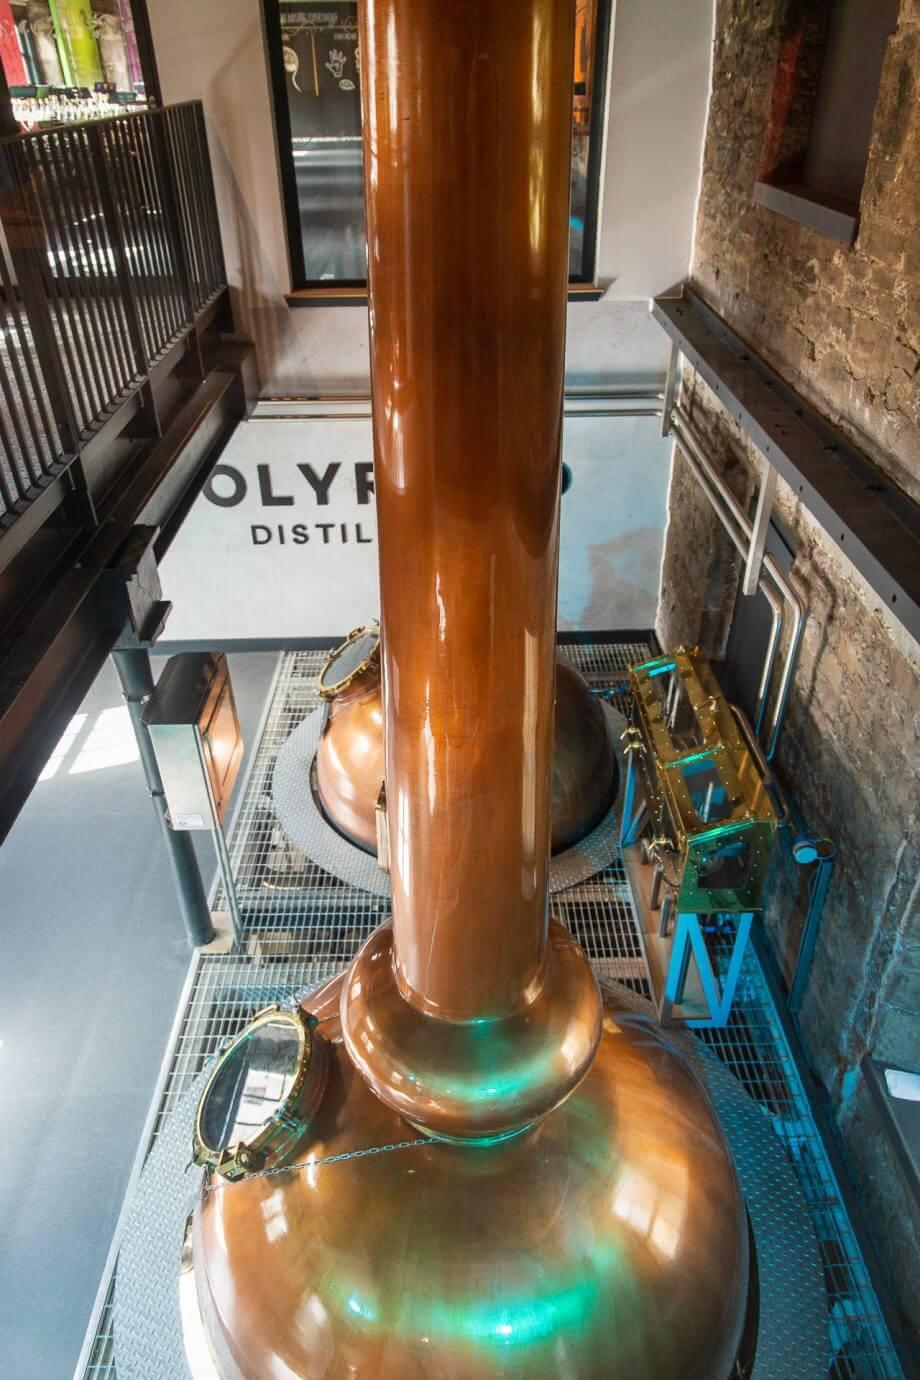 Blick auf die Brennblasen der Holyrood Distillery